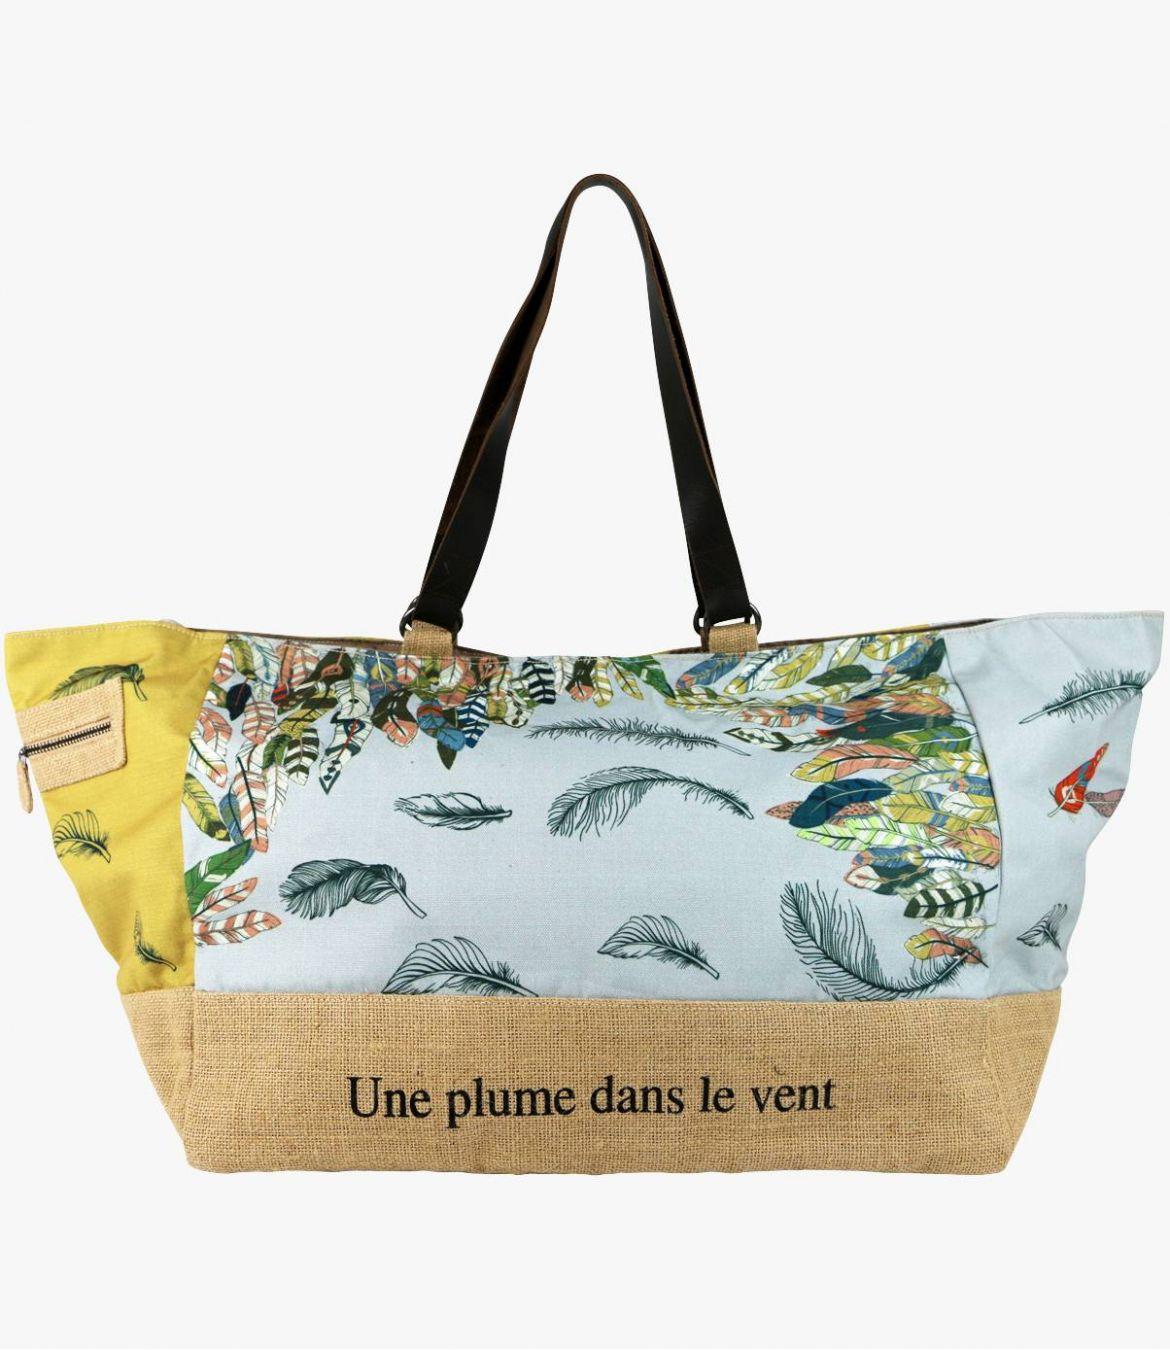 WE - GAMME PLAGE Sac en Polyester, Jute, Cuir pour Femme 45x35x30cm Storiatipic - 6